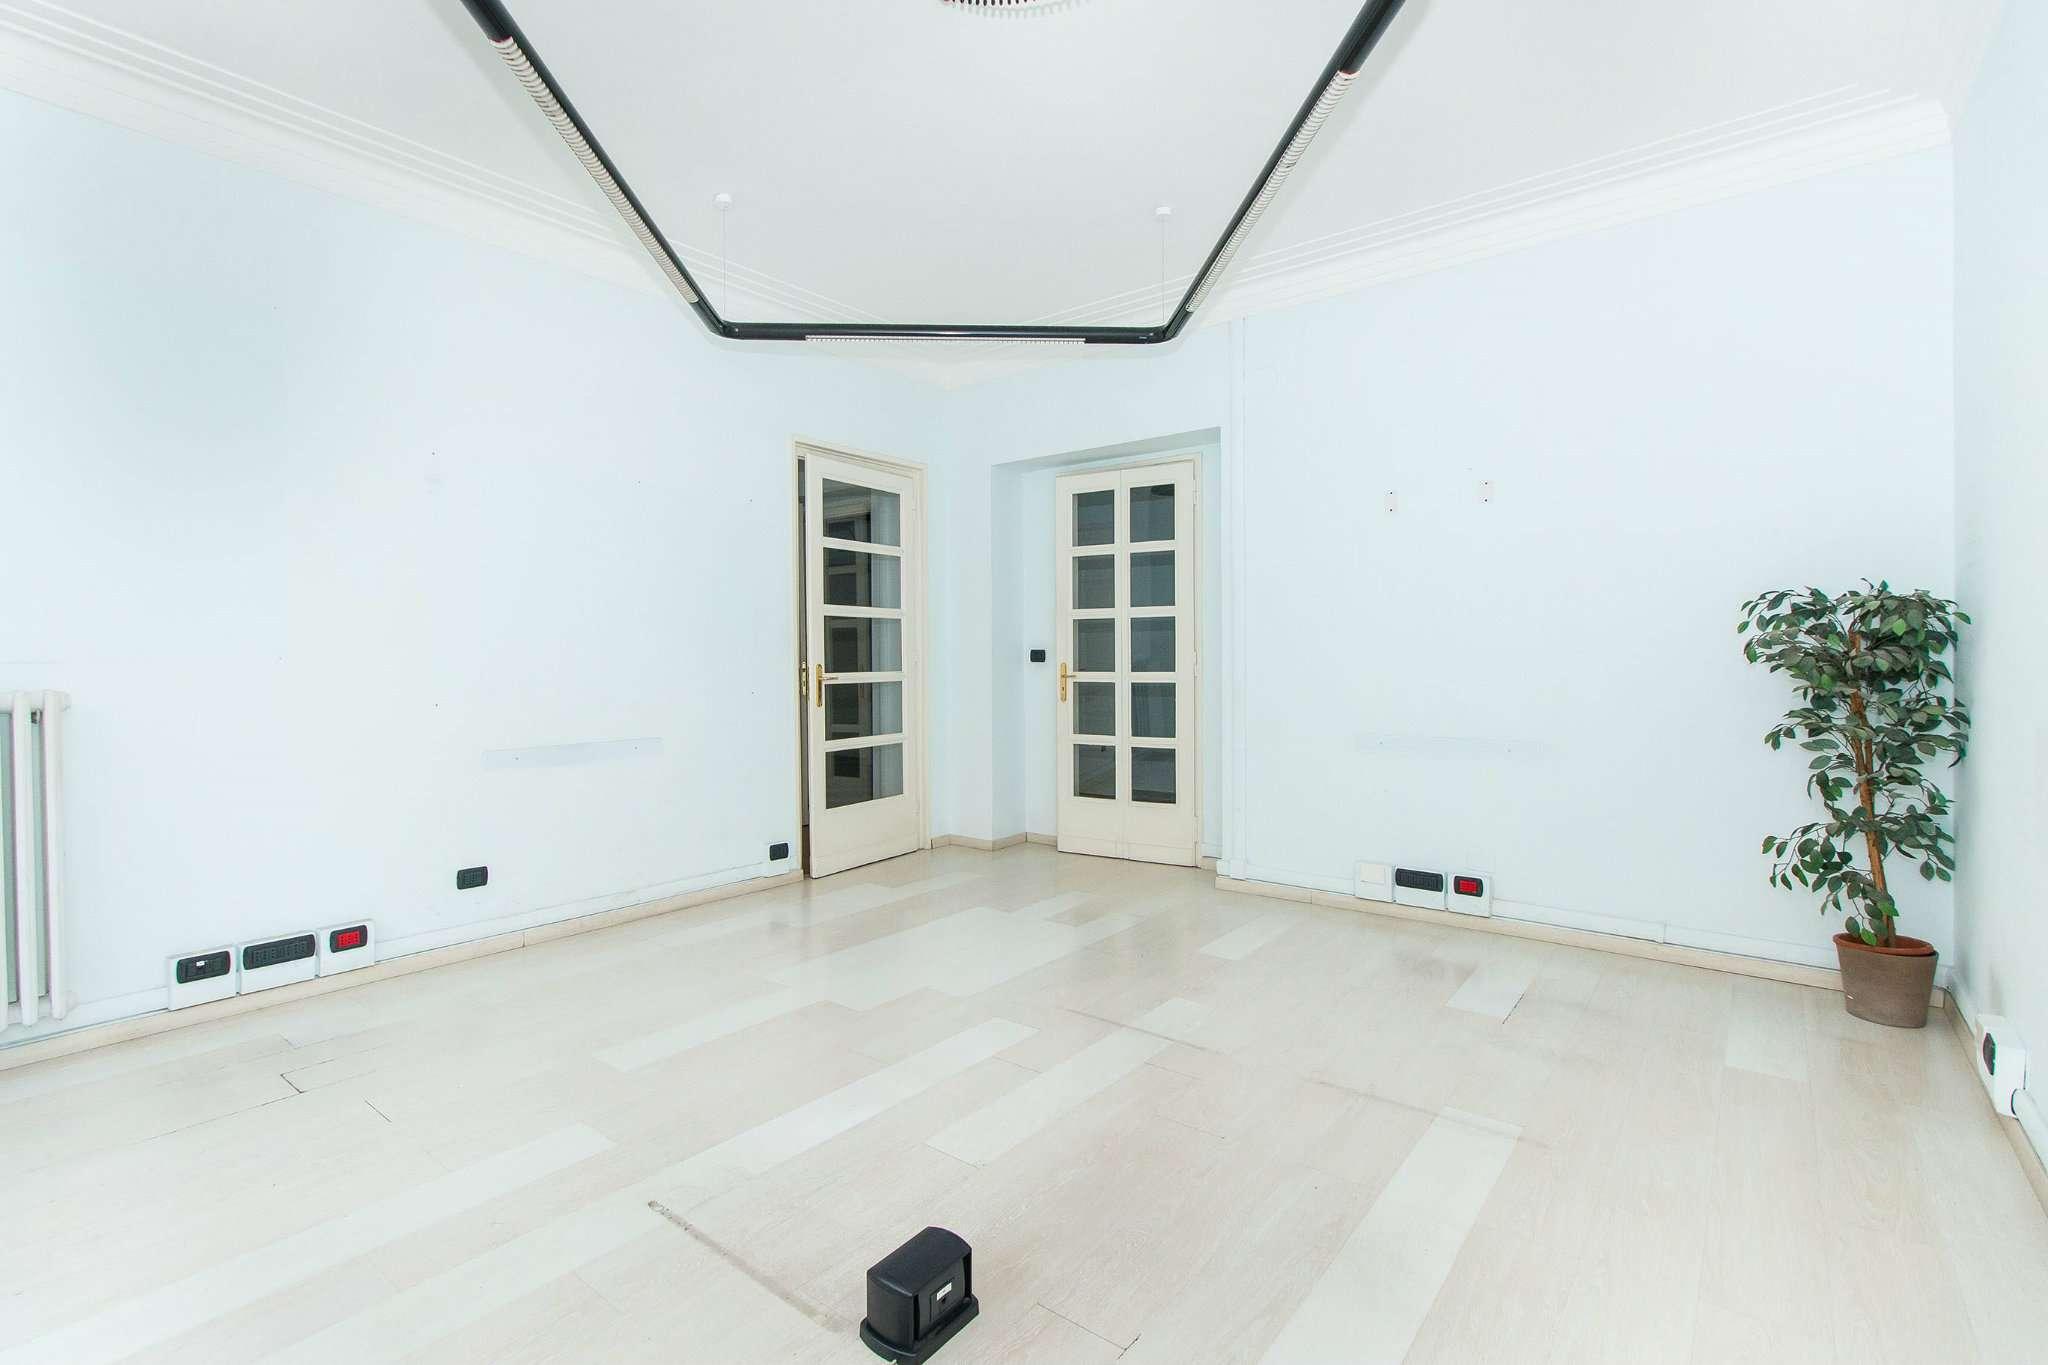 Torino Torino Vendita APPARTAMENTO » alloggio affitto, case di torino